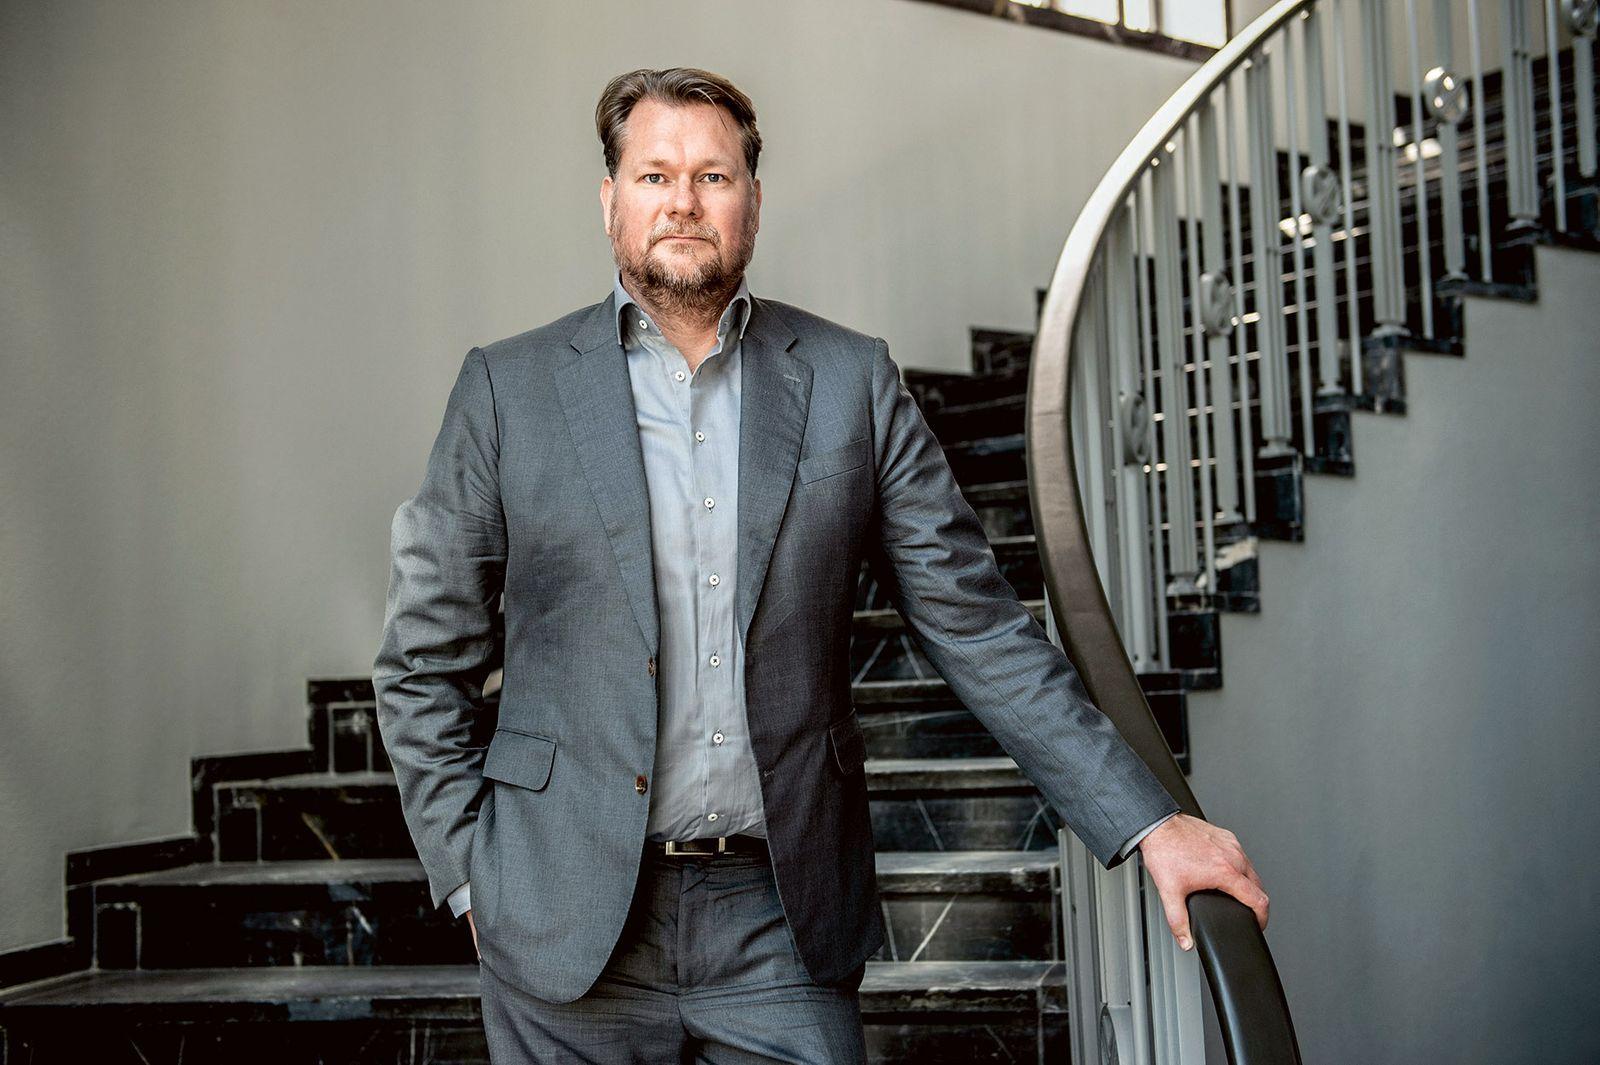 Markus Hannebauer